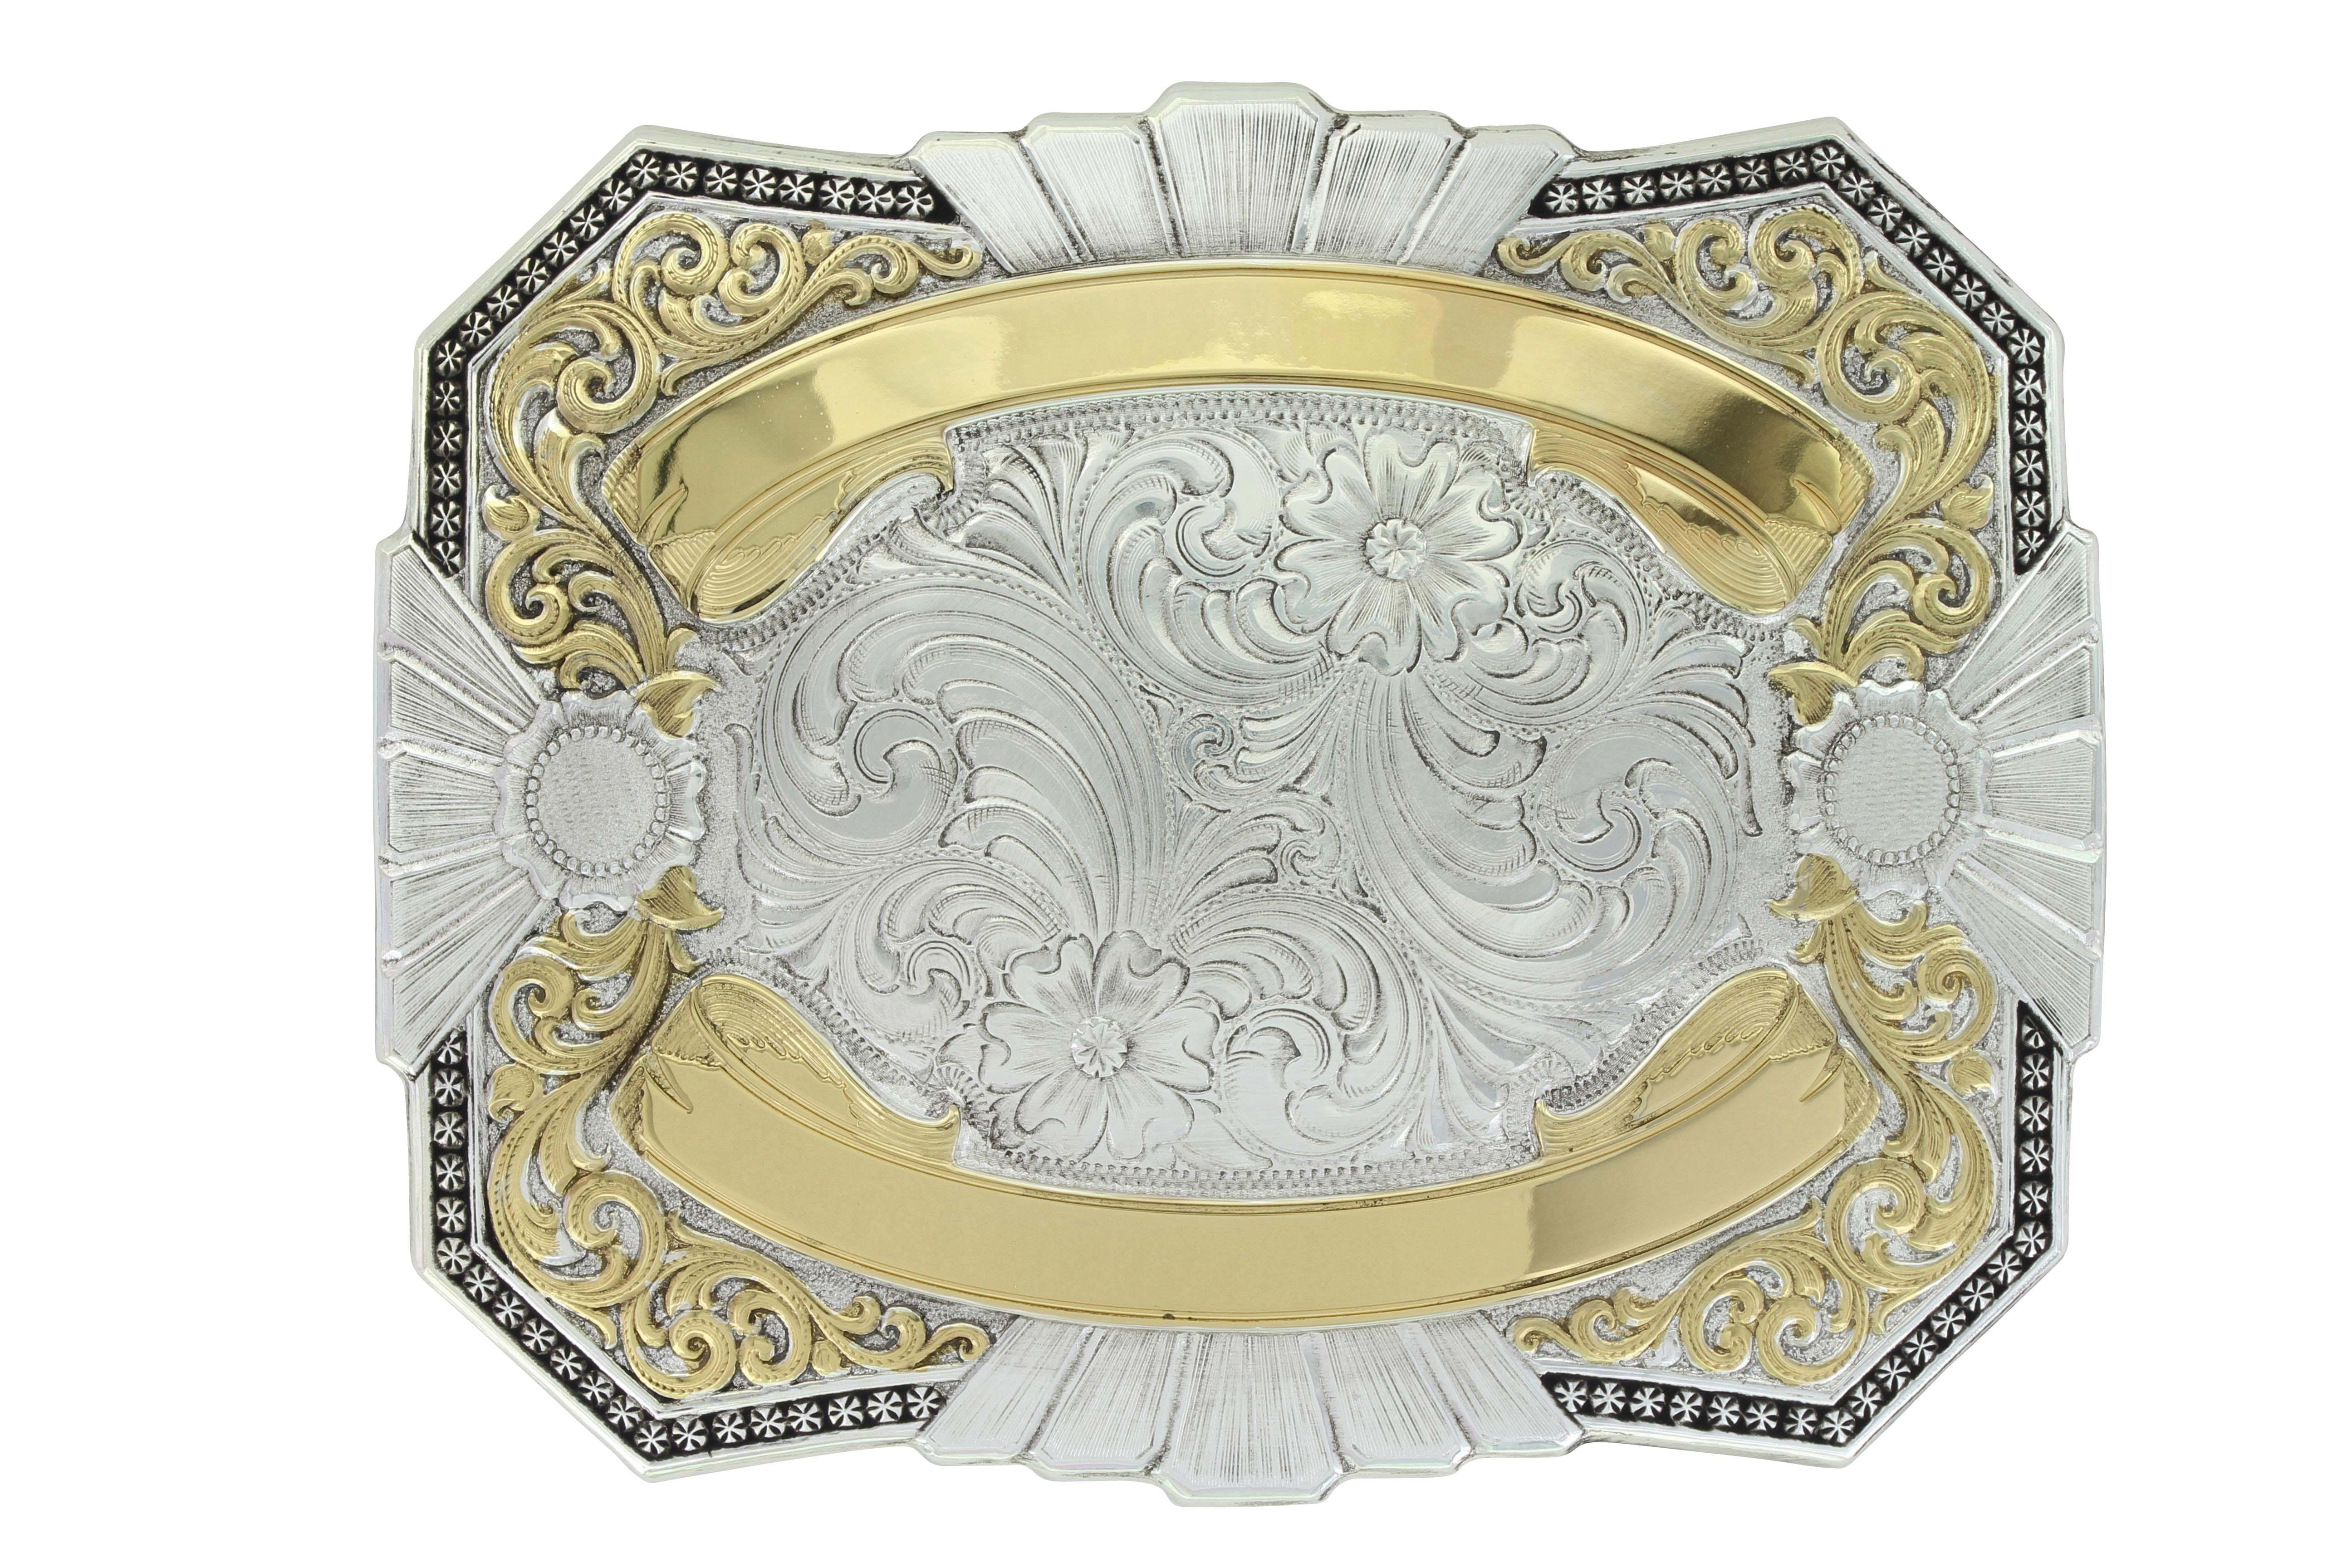 Fallon Trophy Buckle (4.38